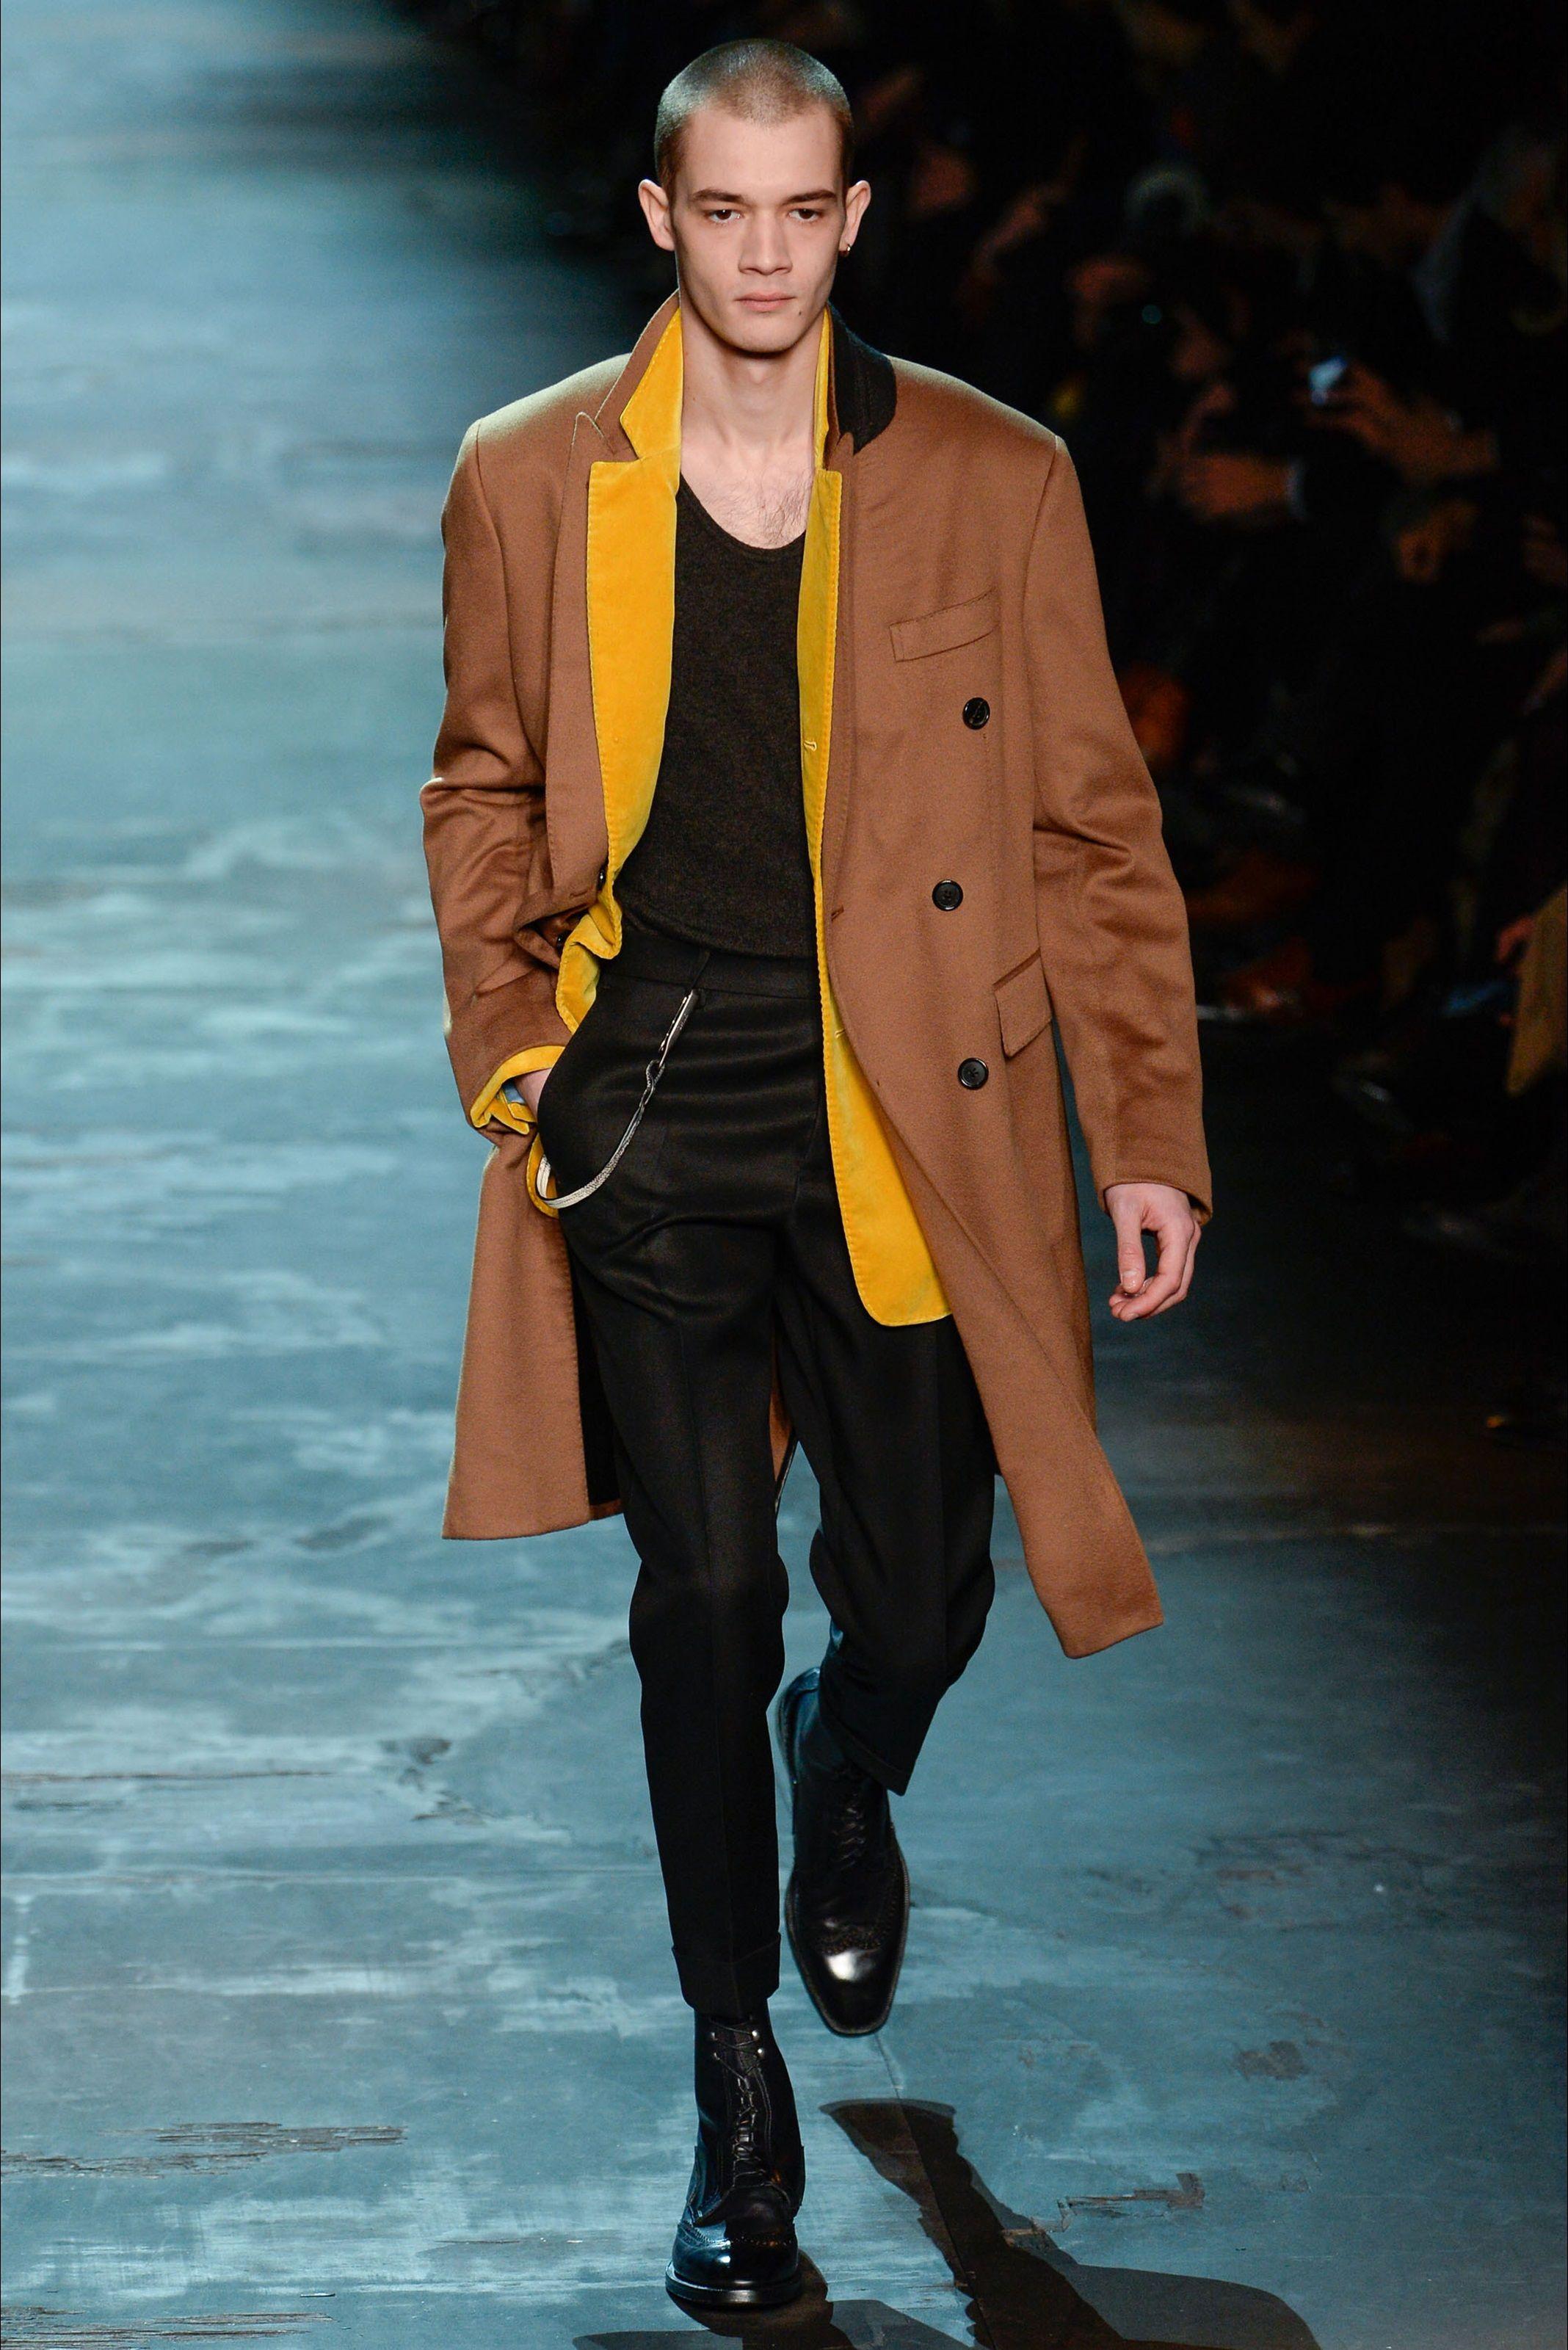 Guarda la sfilata di moda uomo Berluti a Parigi e scopri la collezione di  abiti e accessori per la stagione Autunno Inverno 2017-18. 4916cf514c2